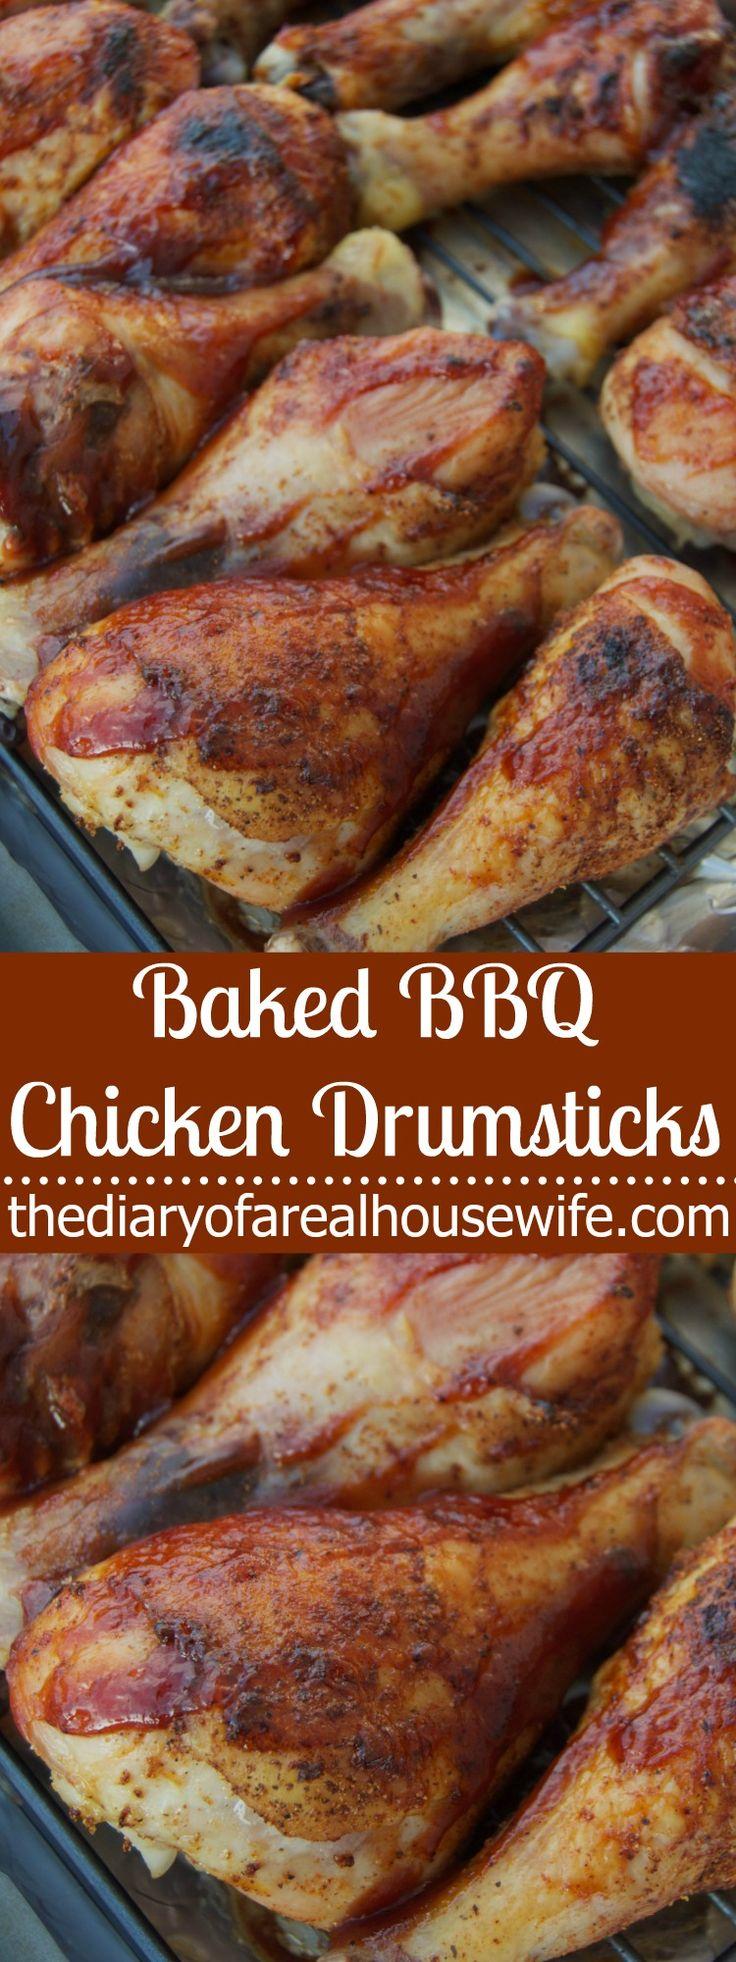 how to make good chicken drumsticks